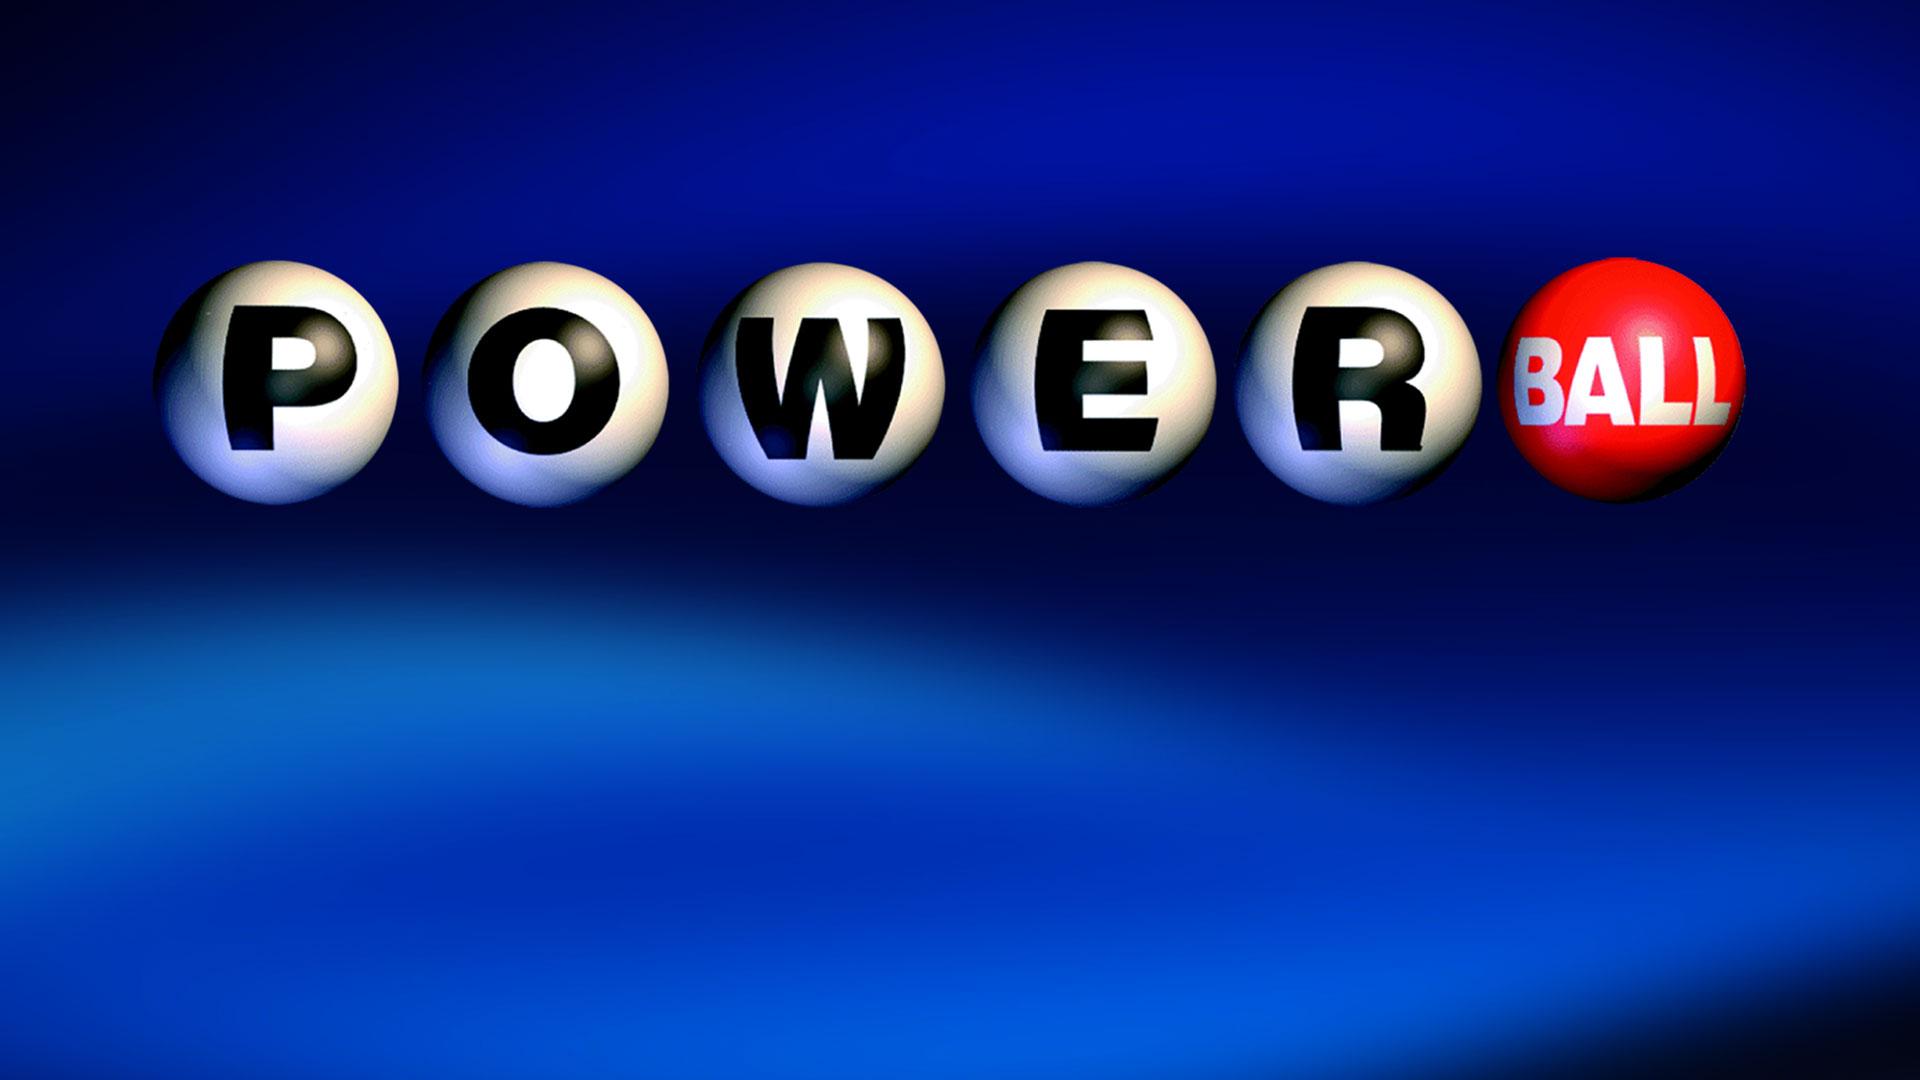 KELO Powerball